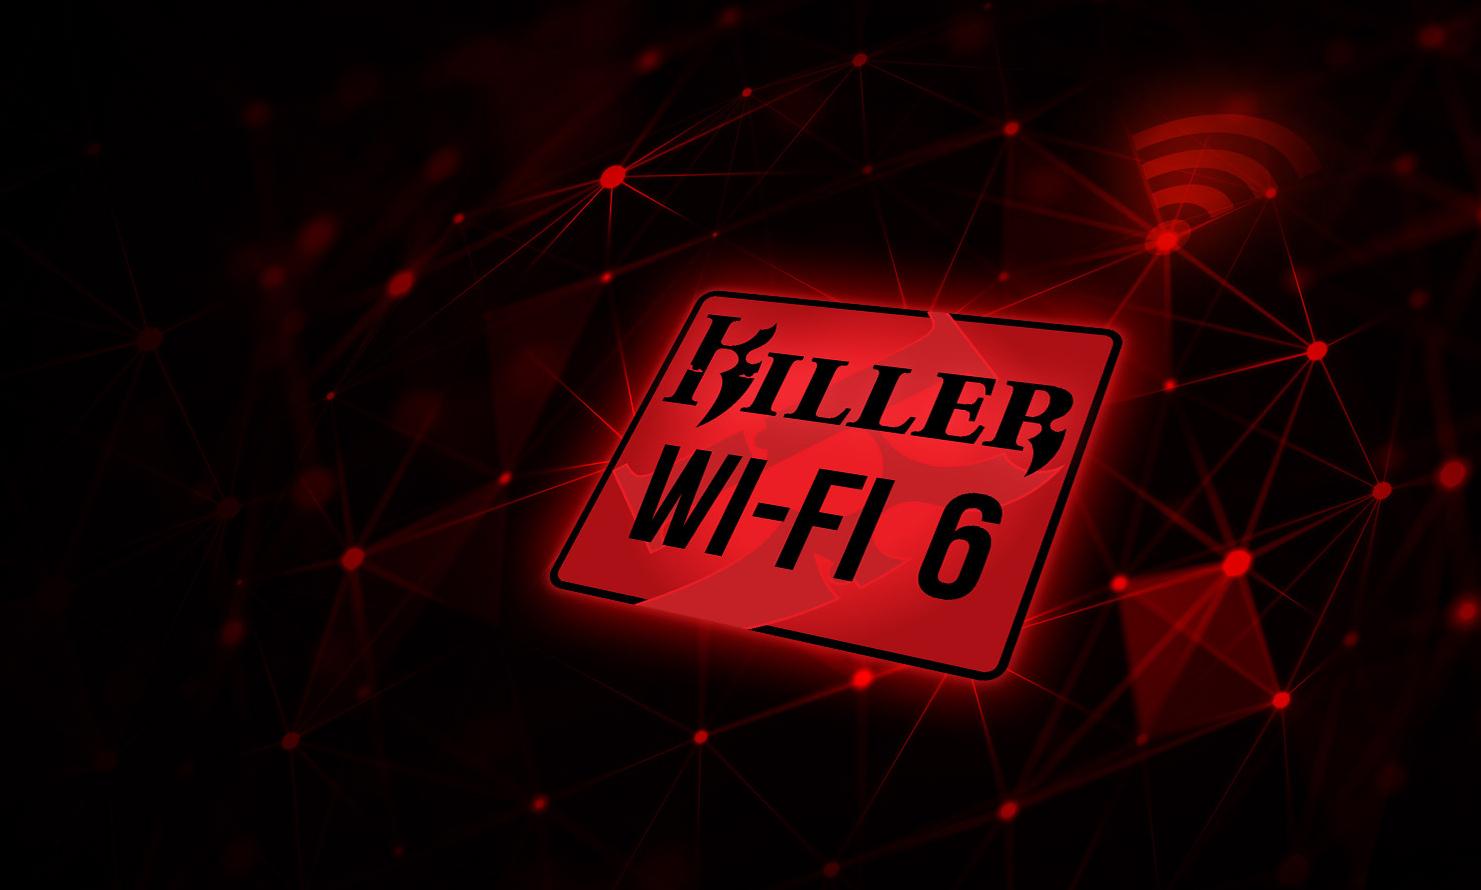 killer wifi 6 pro